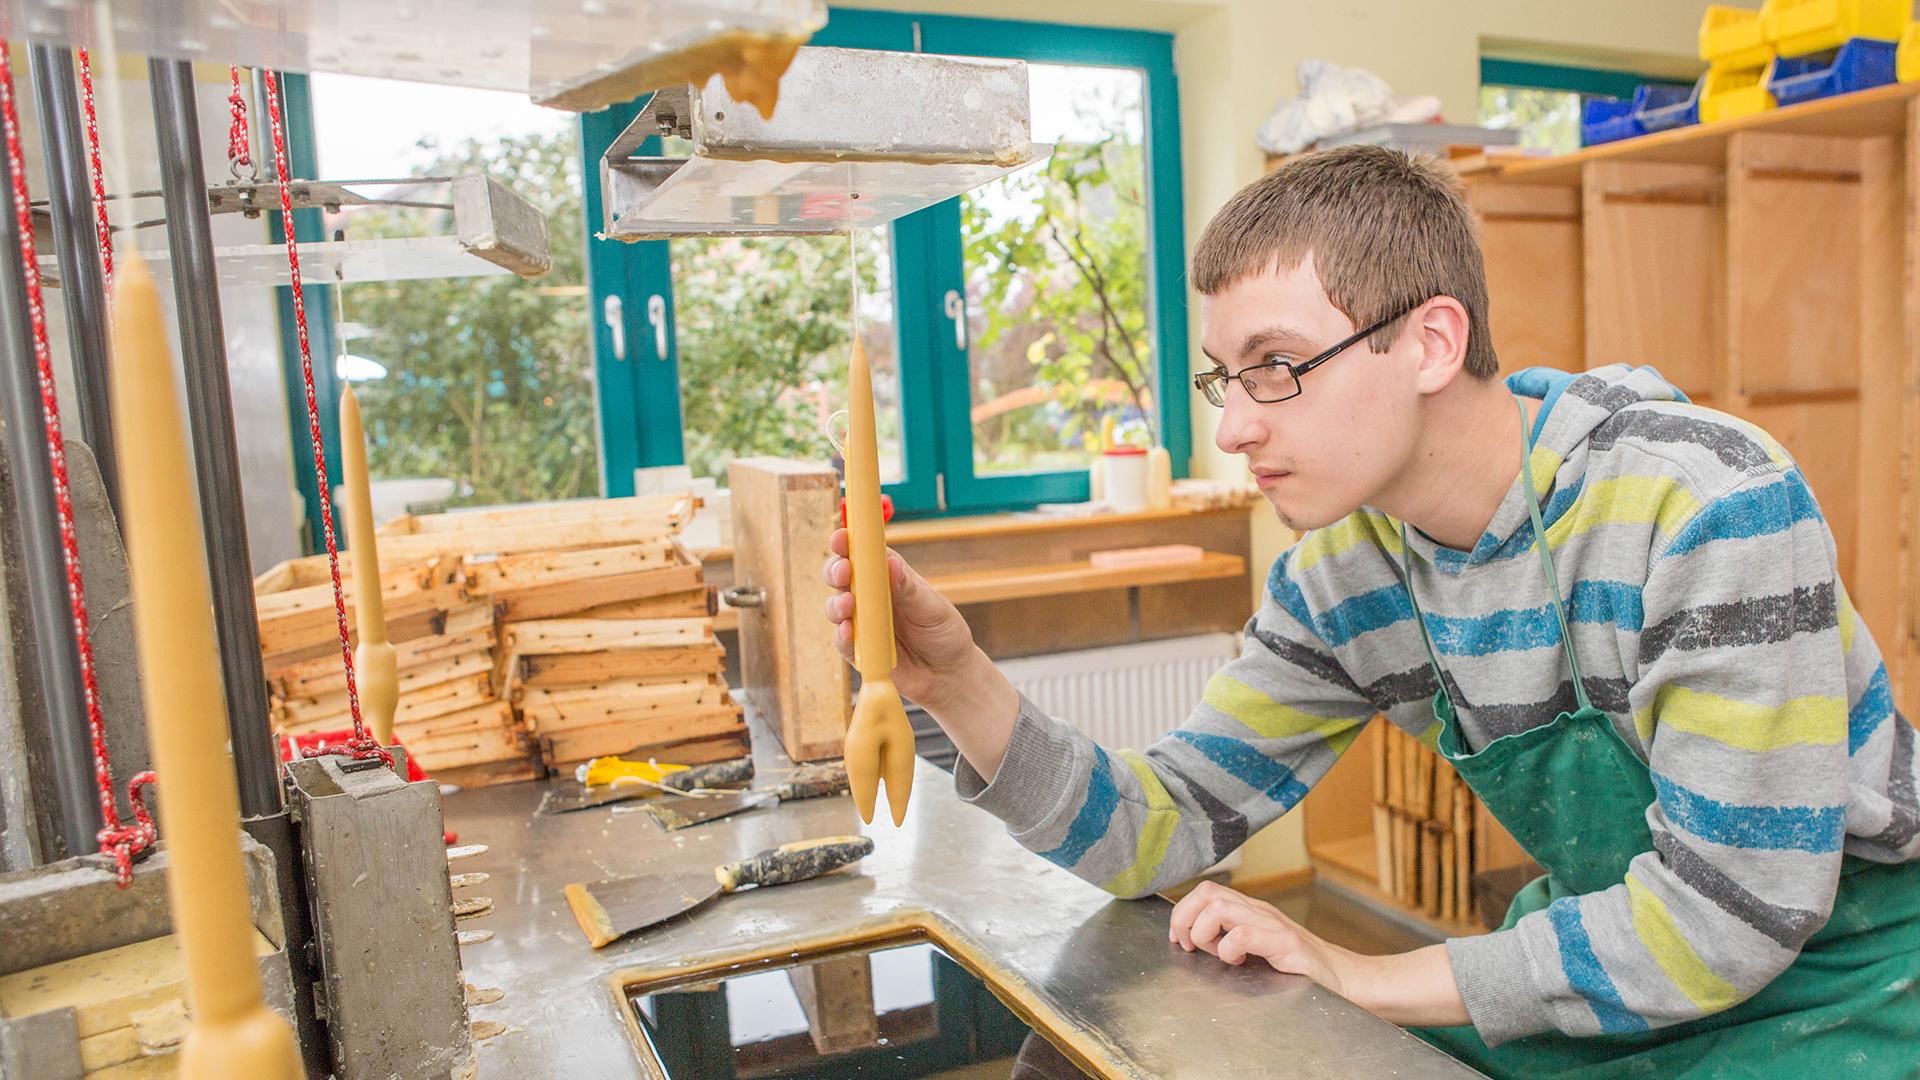 Bild stellt Arbeit in der Kerzenwerkstatt dar